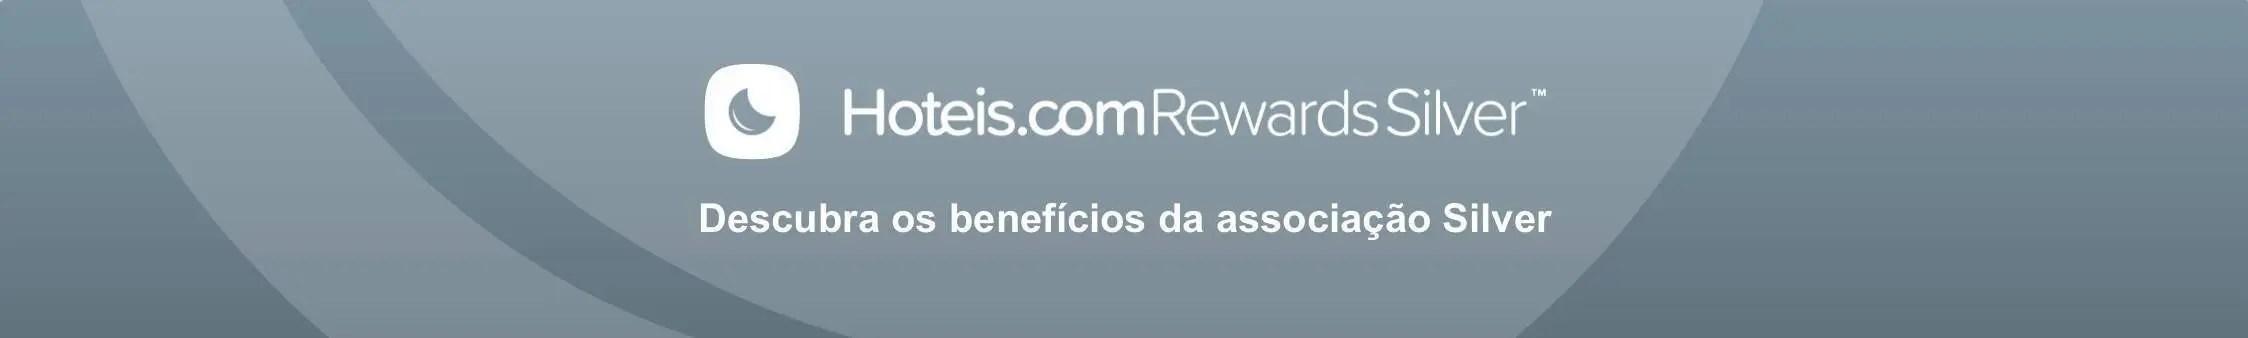 hoteis.com rewards silver